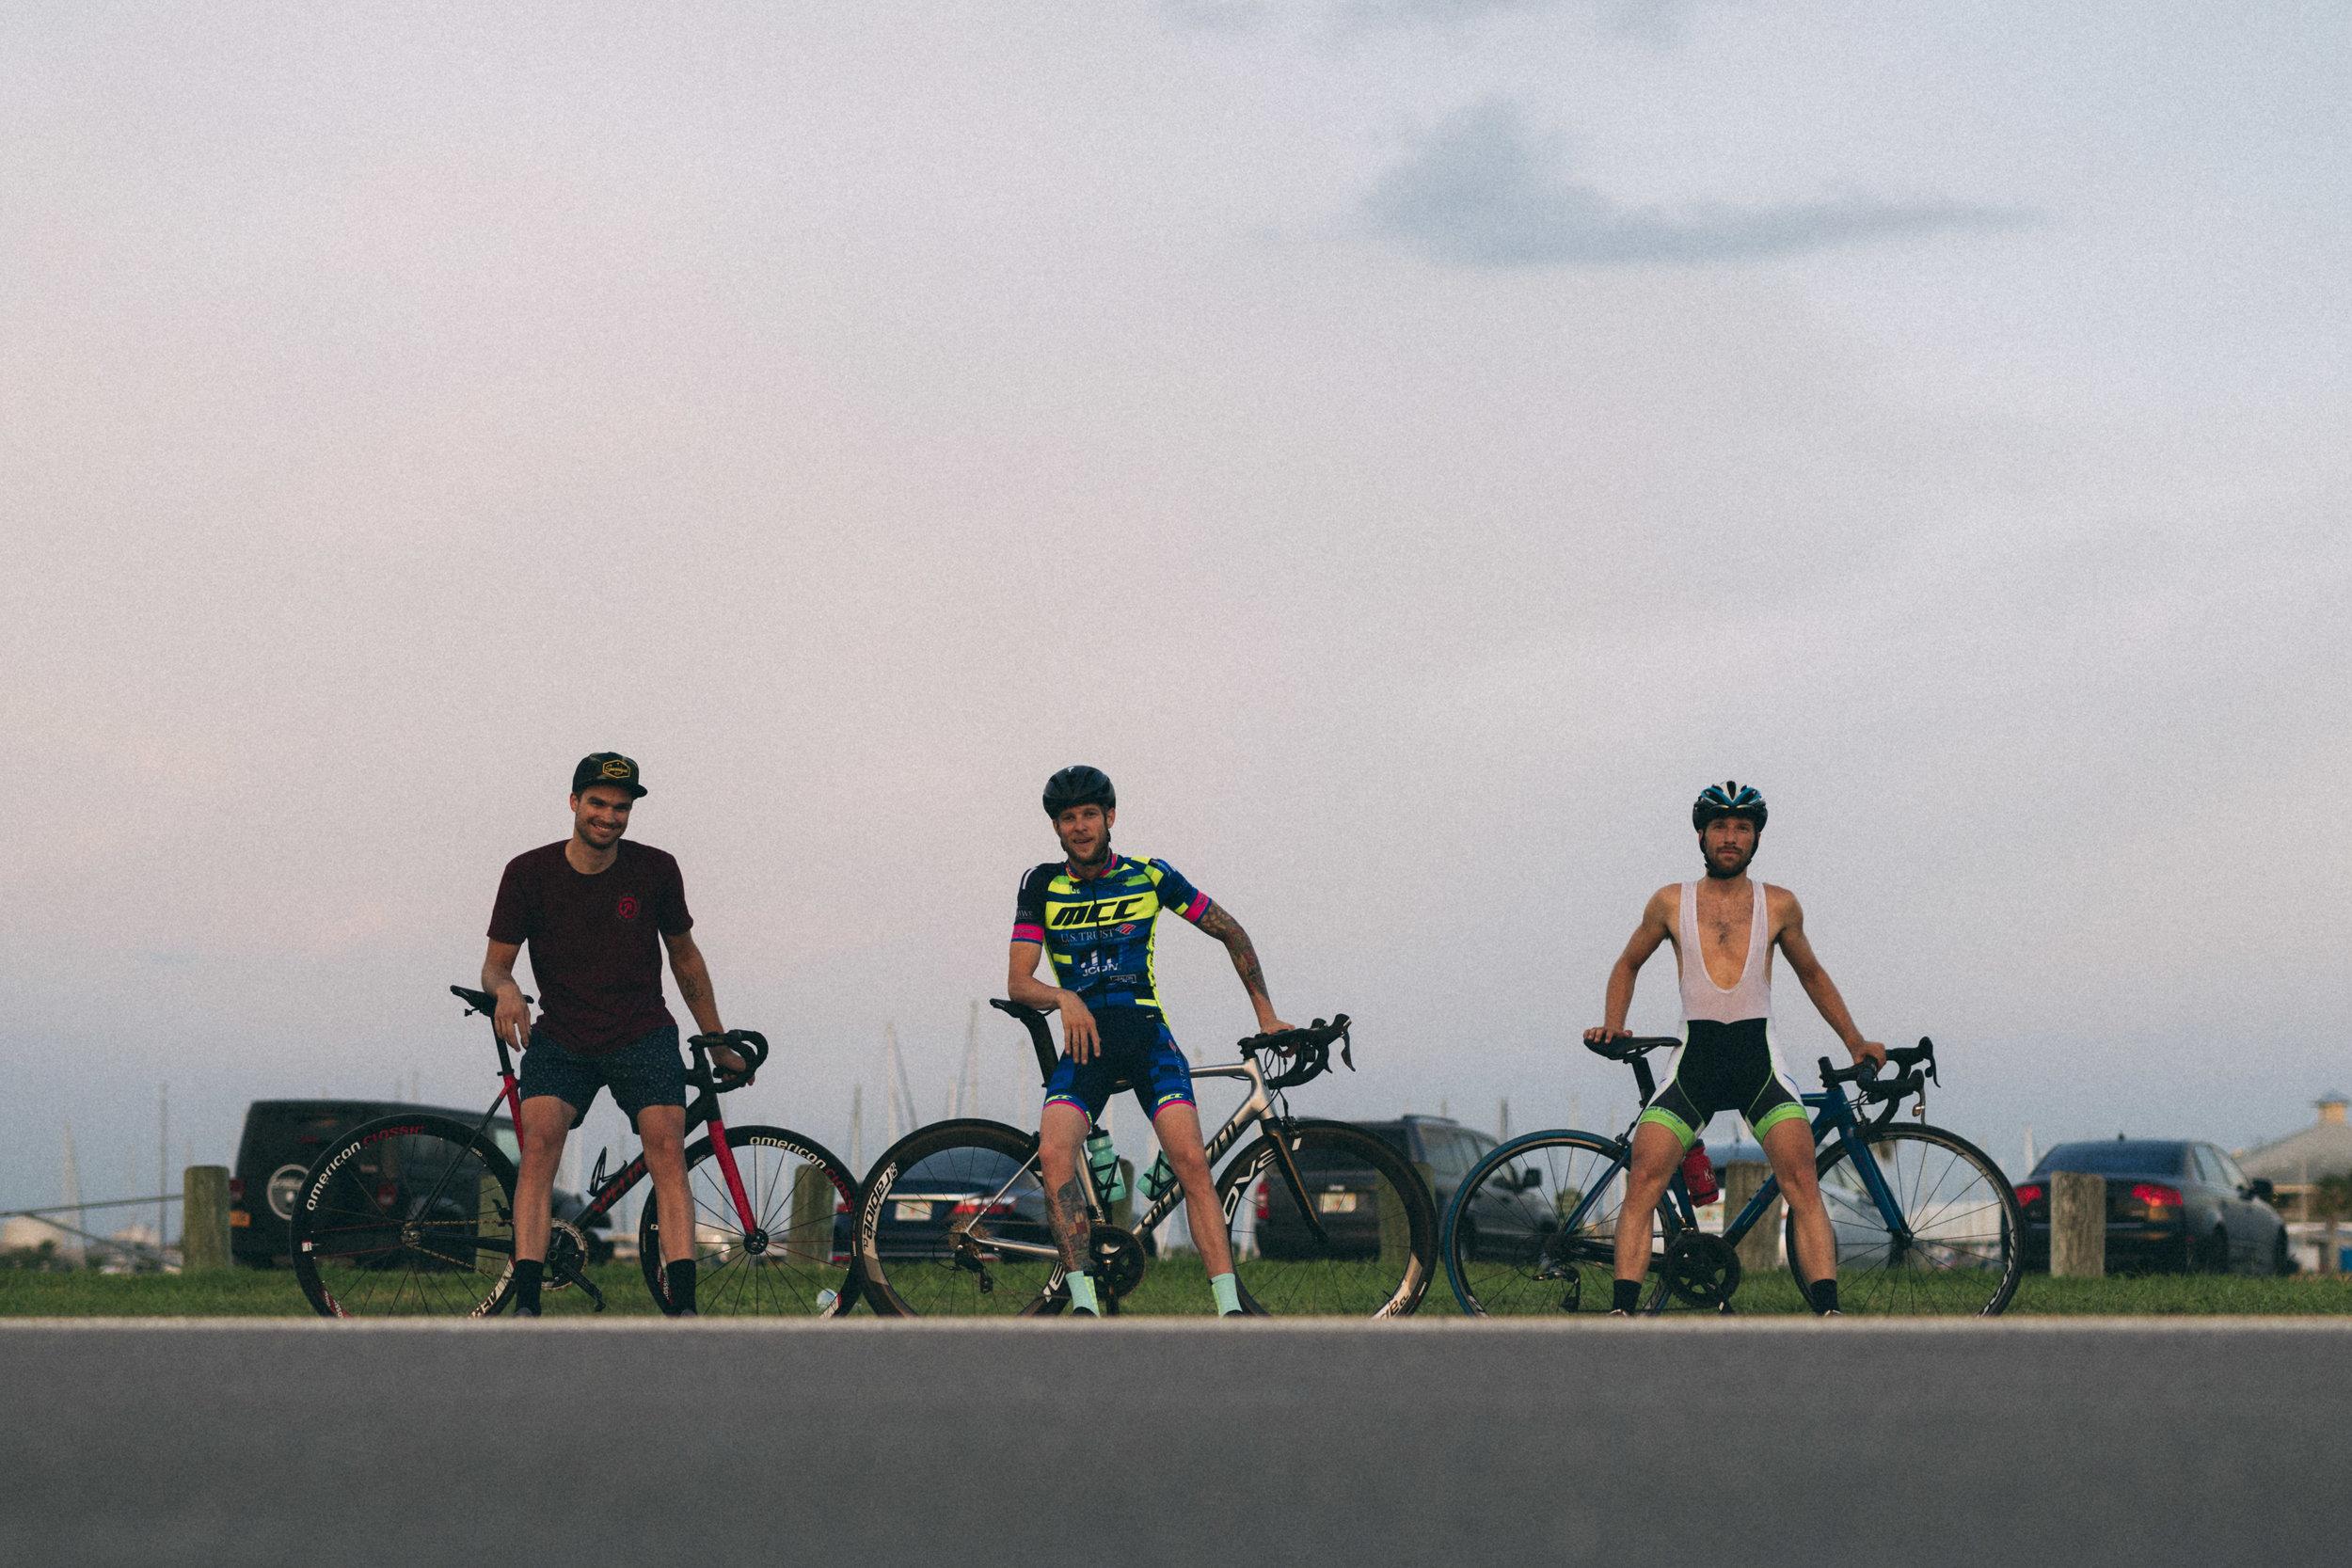 Biking_41.jpg